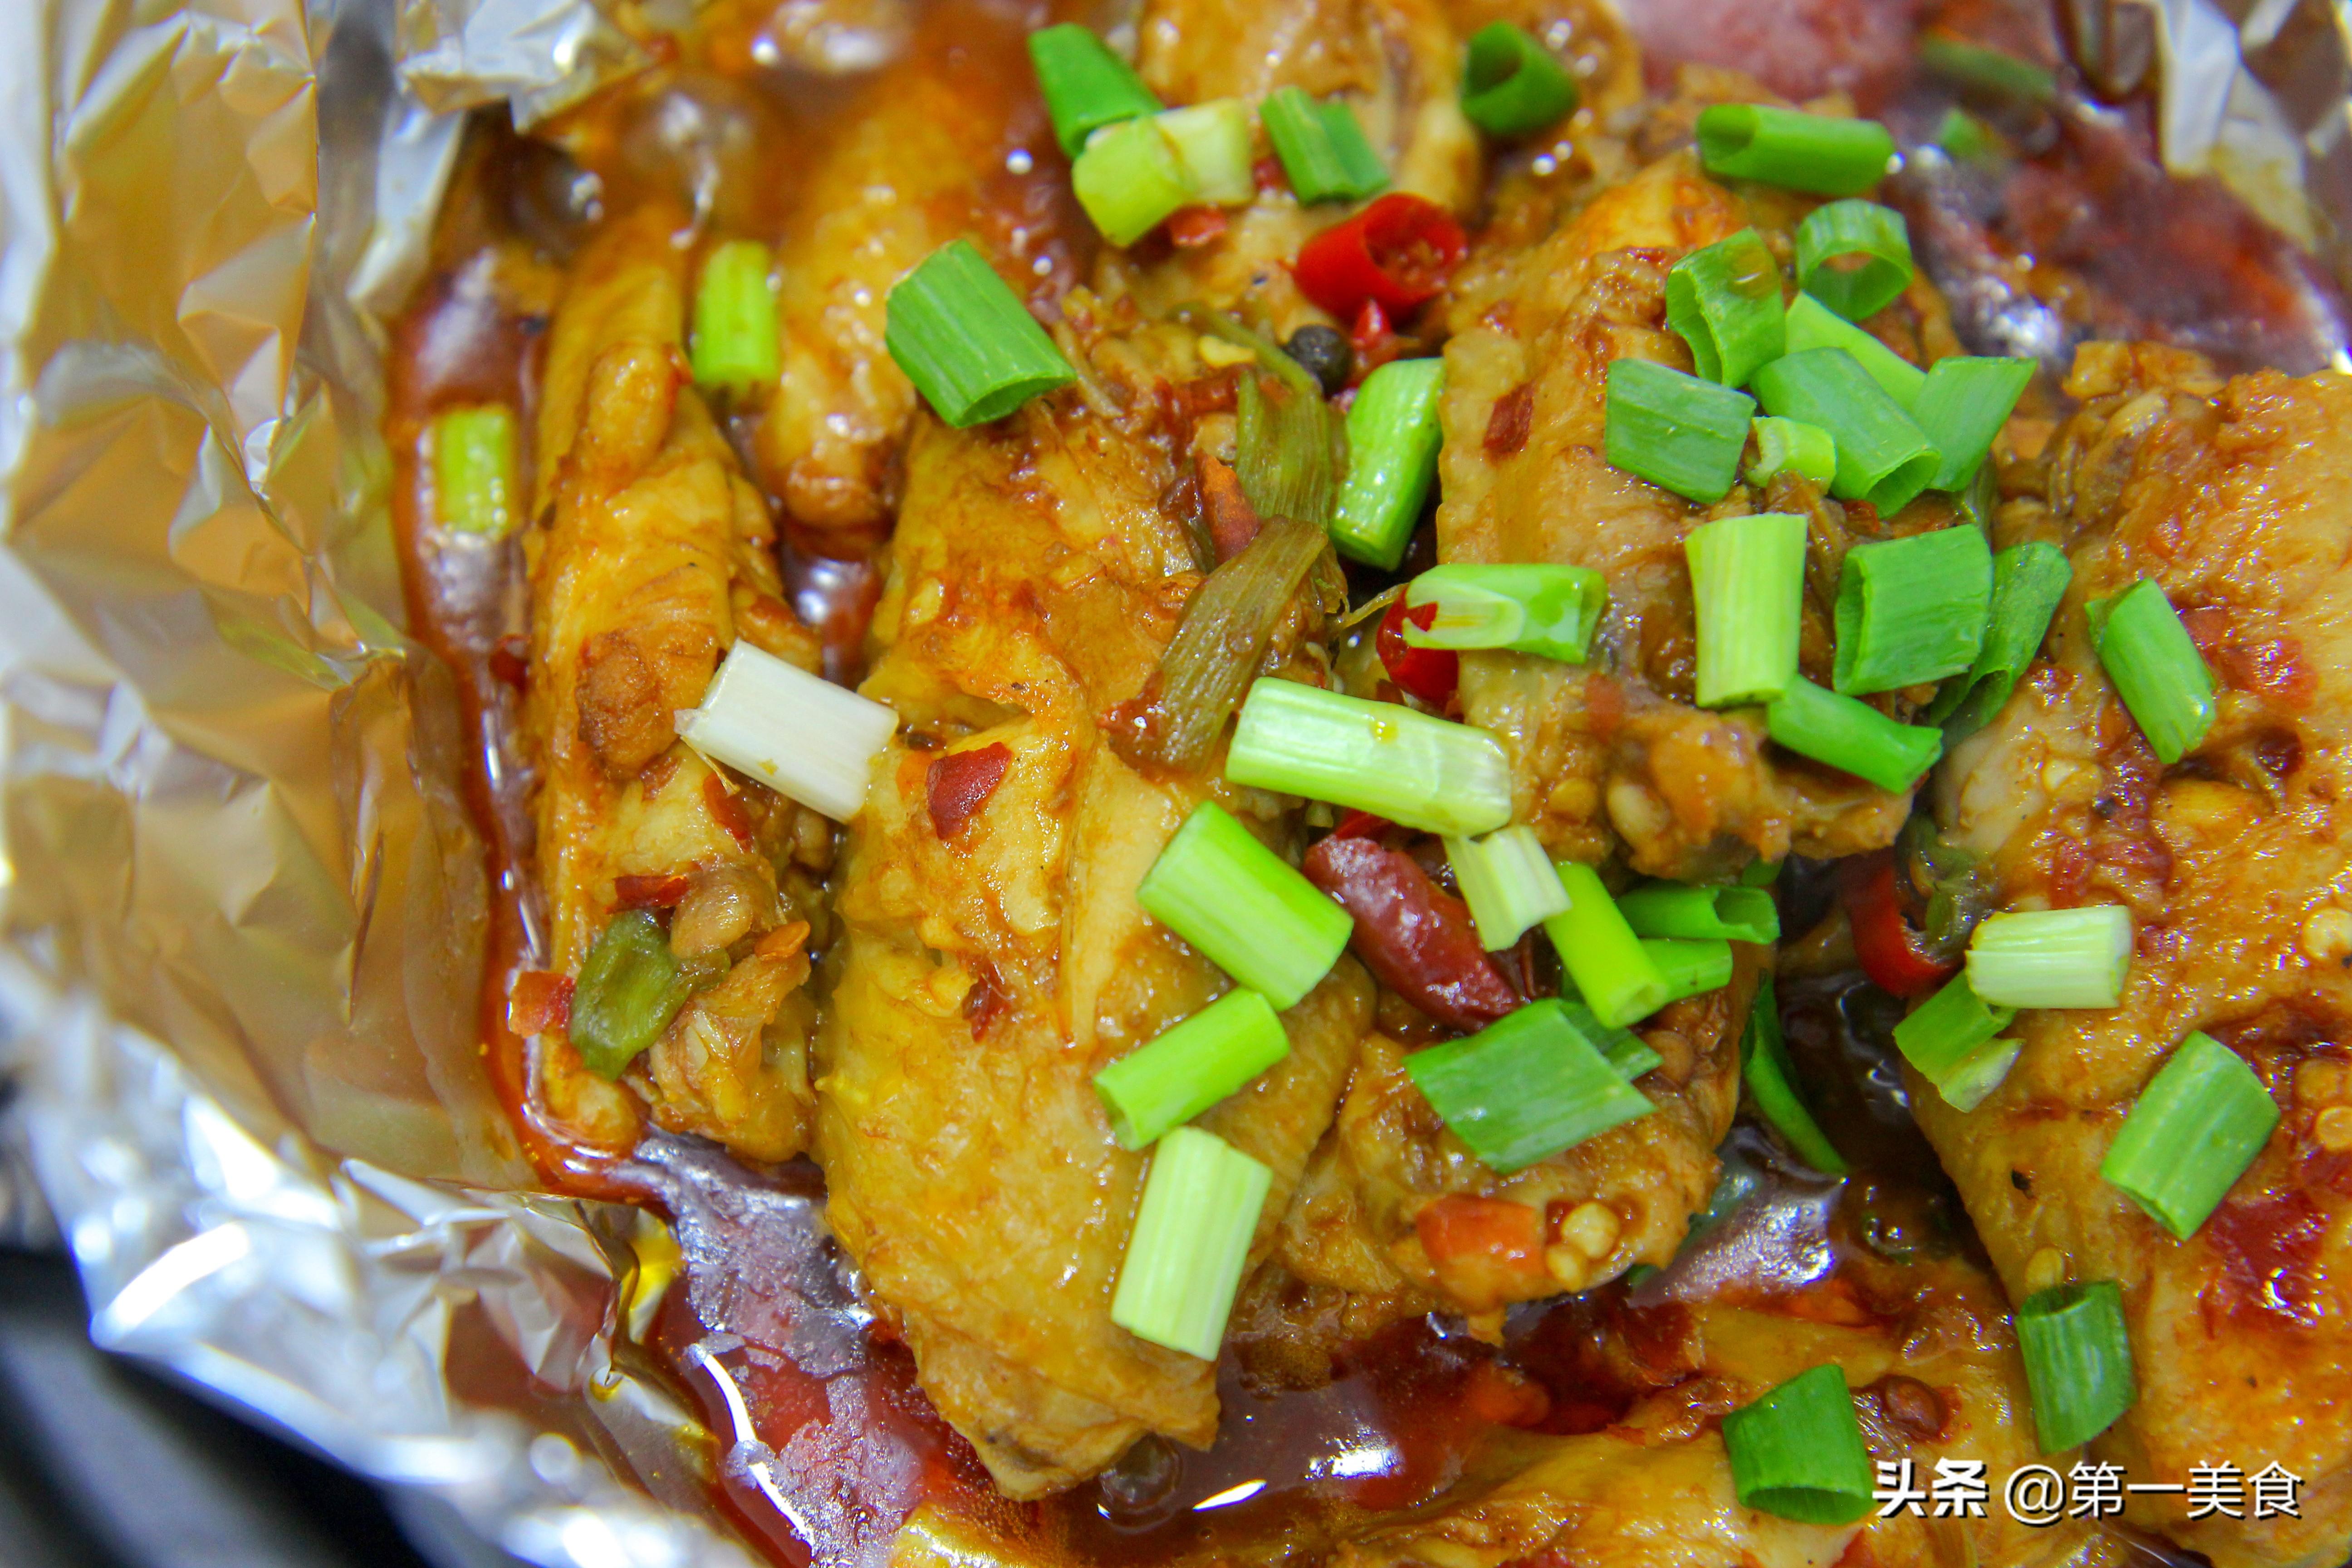 砂锅版的盐焗鸡翅做法 肉质鲜美 软烂入味又好吃 吃上一口满嘴